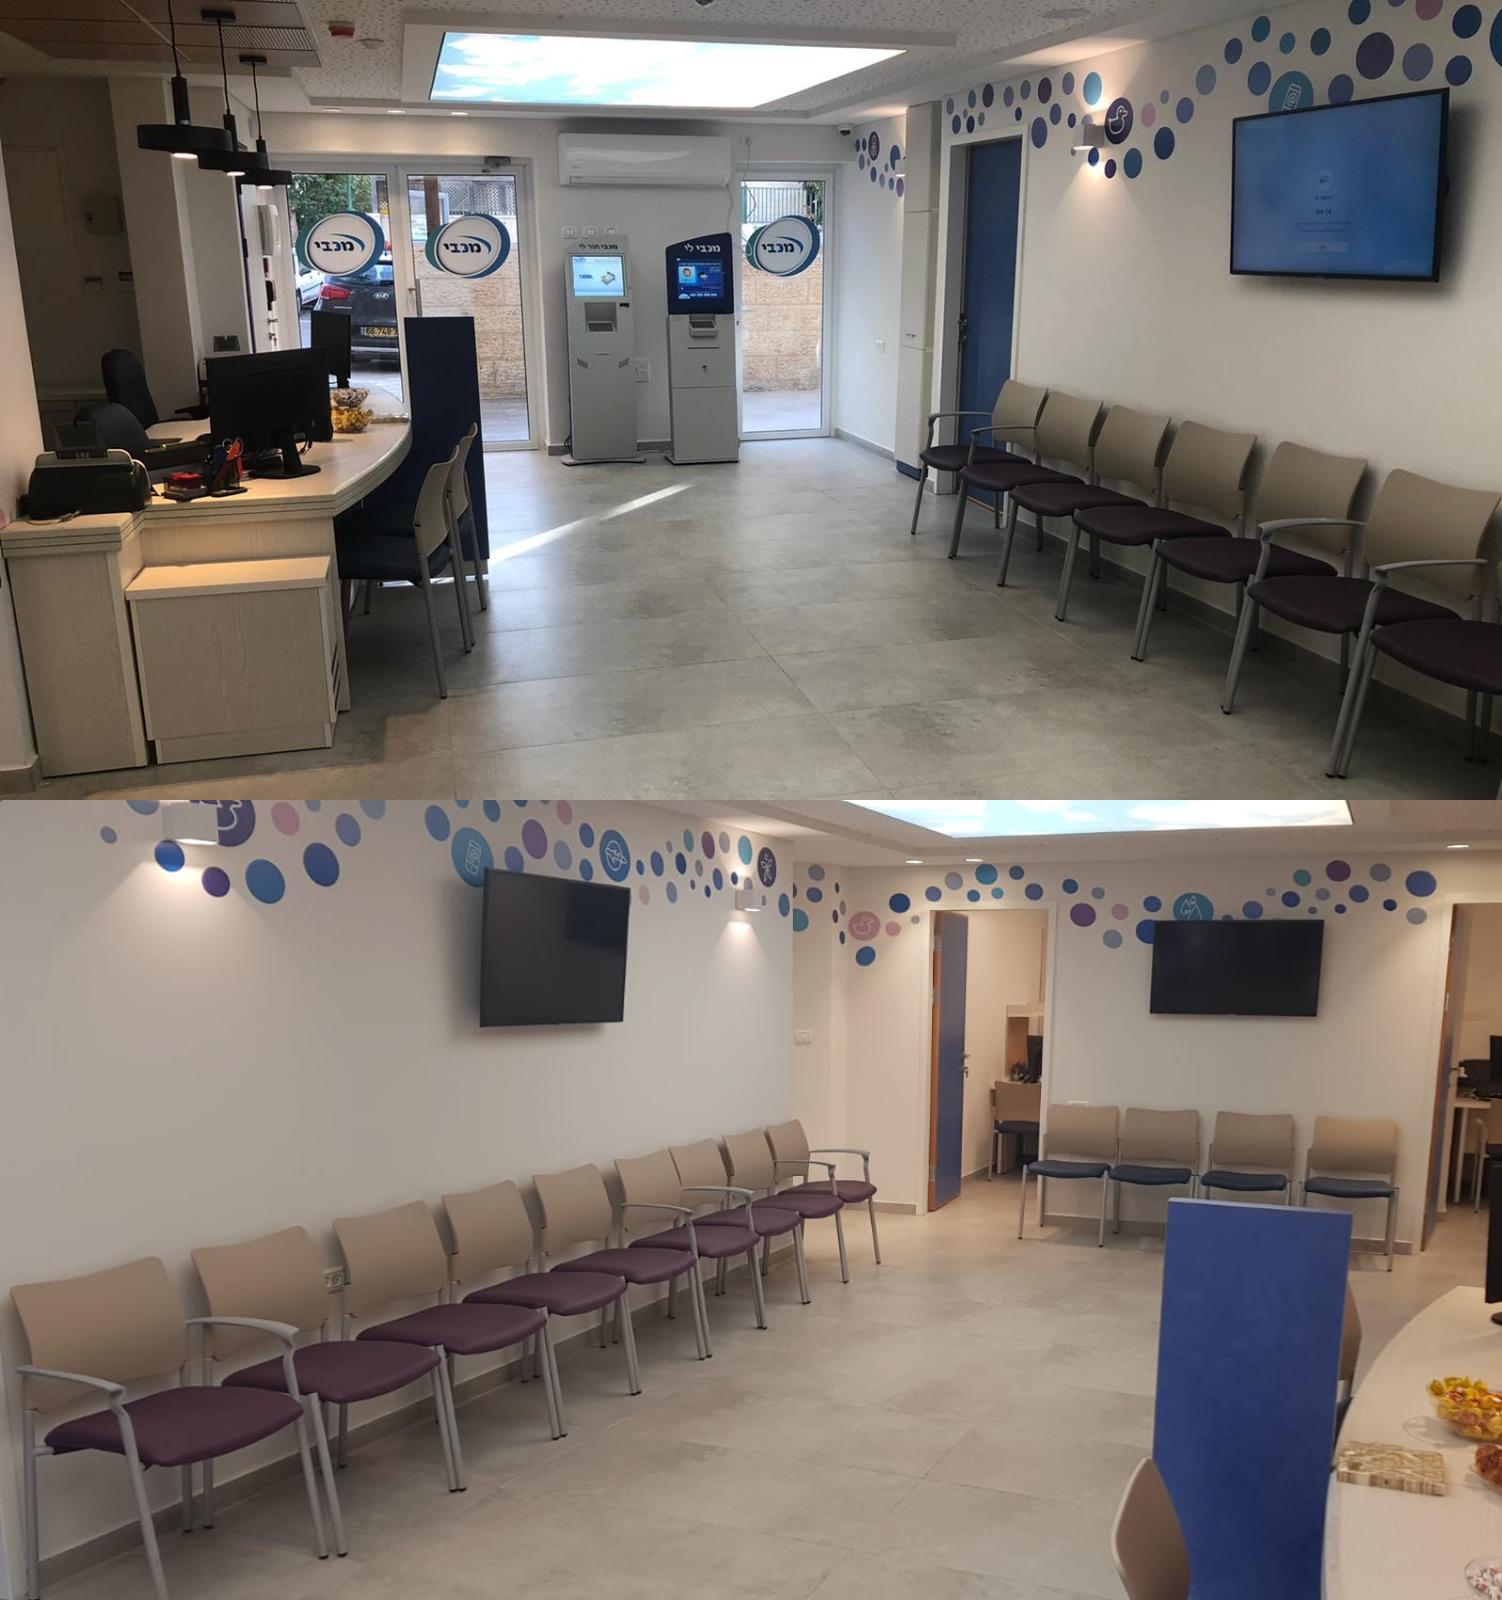 מכבי מרכז - פתיחת בית רופאים באלעד